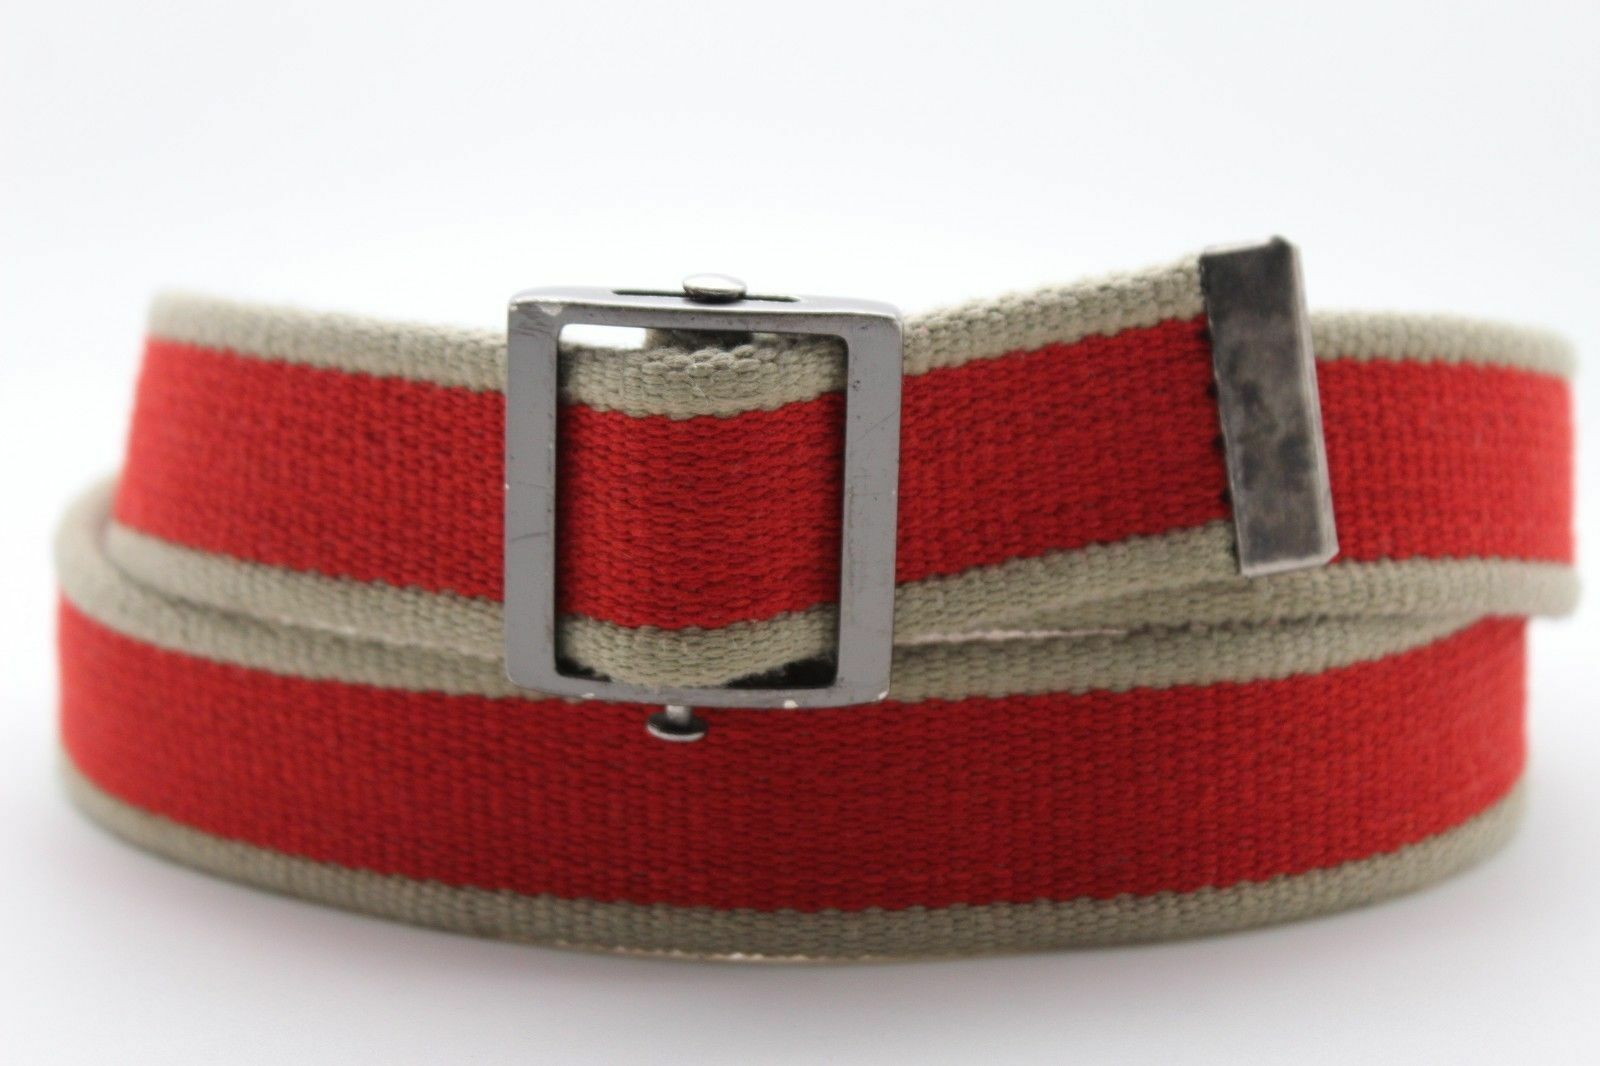 Herren Damen Braun-Beige Rot Mode Stoff Gürtel Militär Zinn Metallschnalle S M